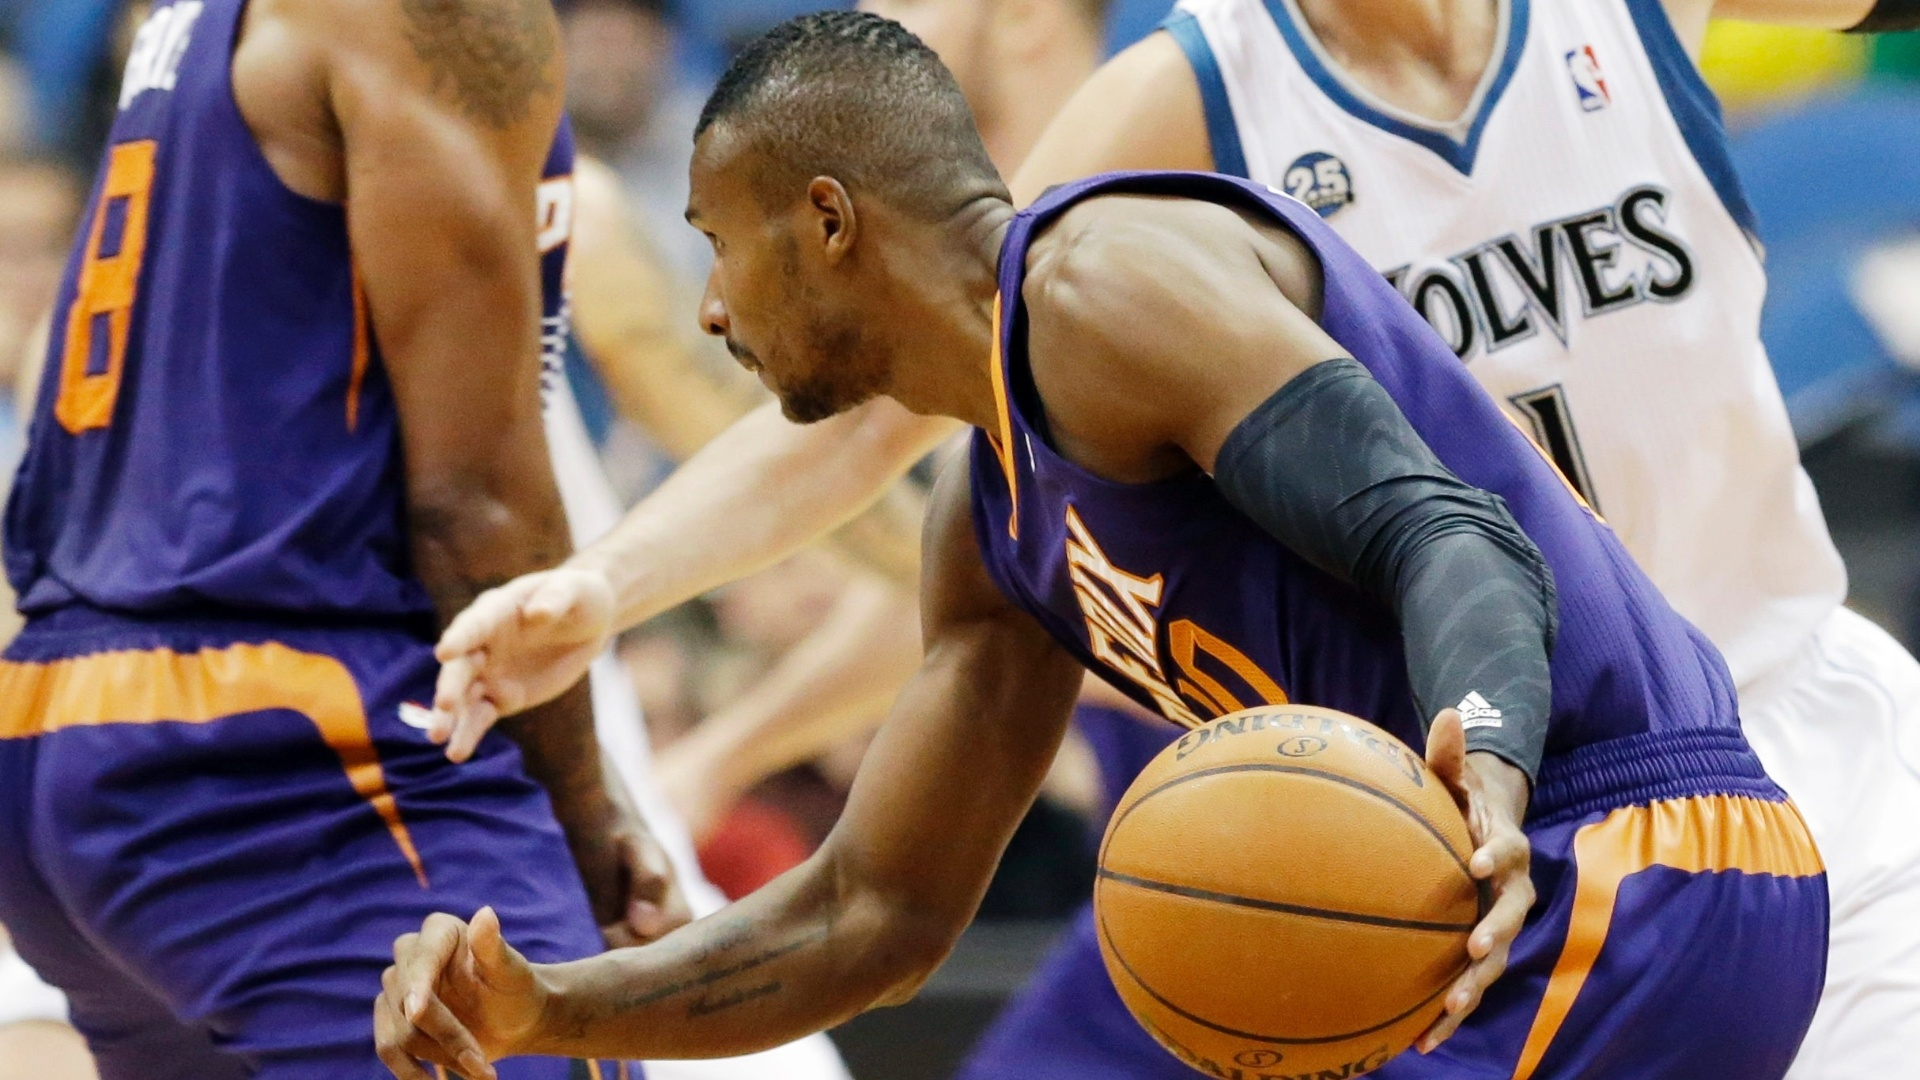 09.01.2014 - Leandrinho tenta a jogada de ataque na partida entre Phoenix Suns e Minessota Timberwolves